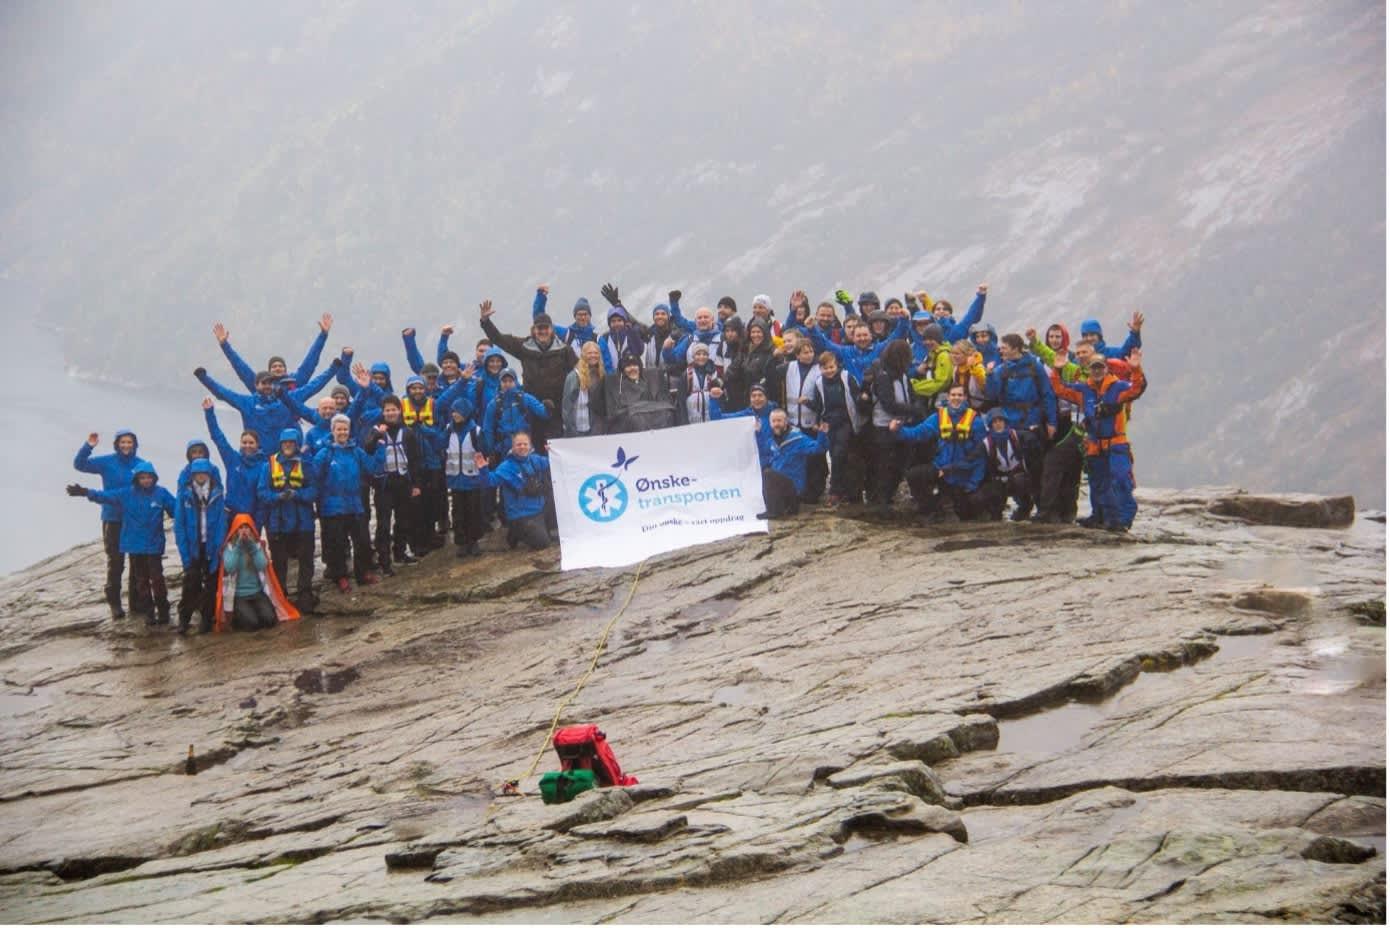 70 frivillige sammen med Bjørn på toppen av Preikestolen. Foto: Elise Åkesson.